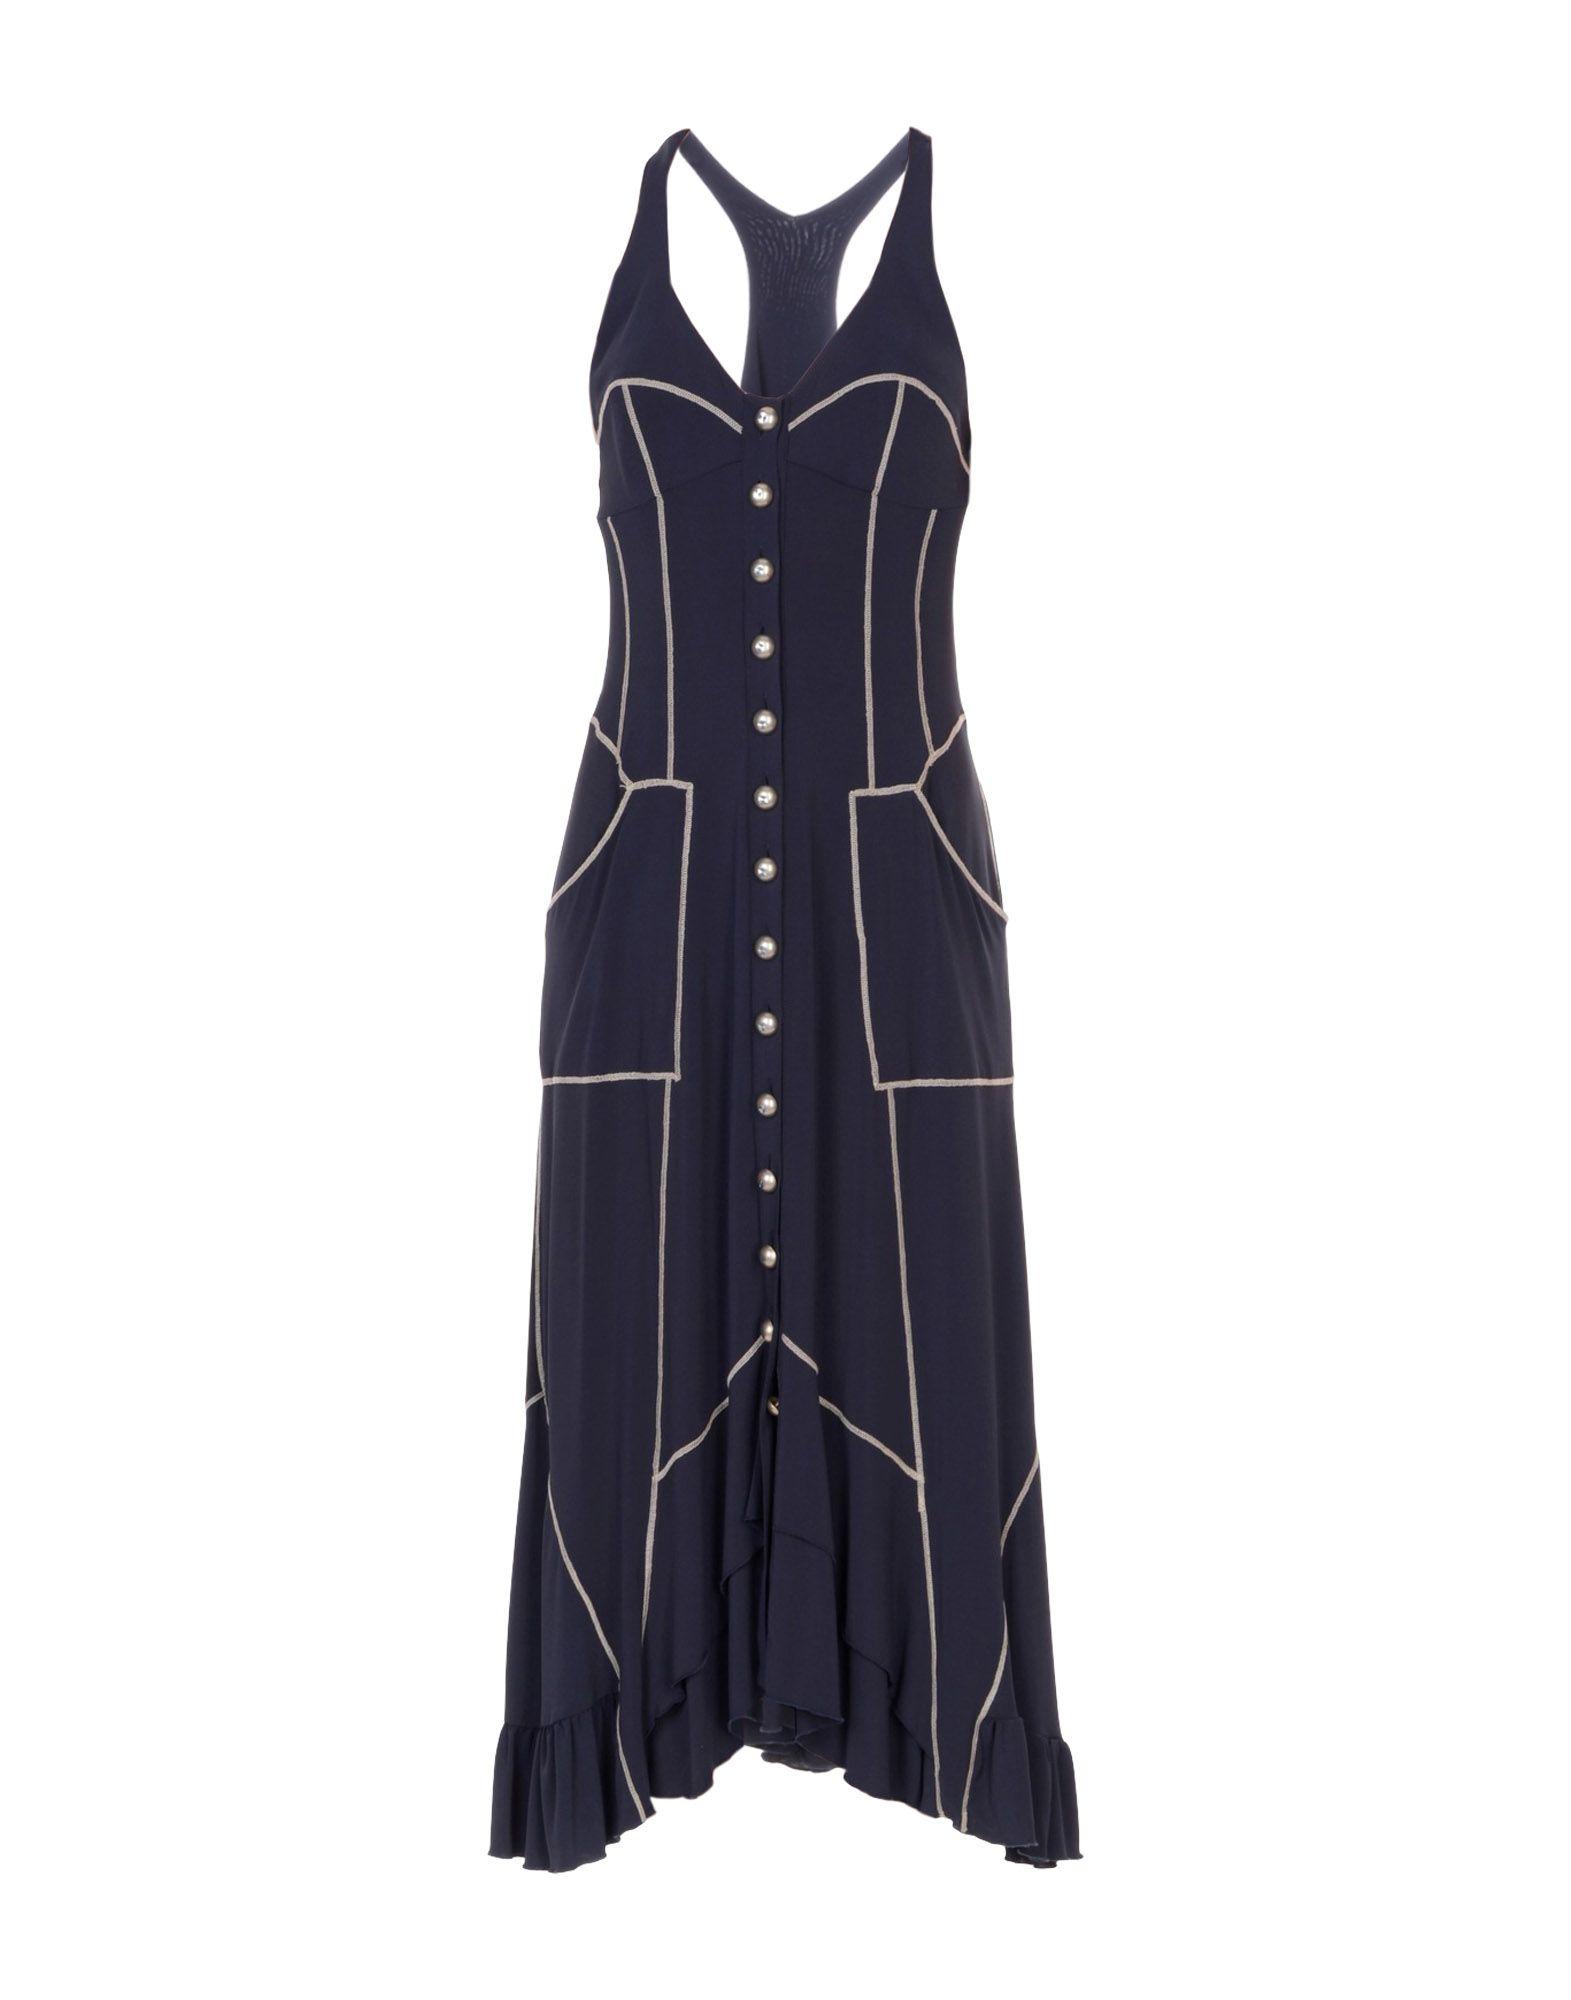 Vestito Longuette 22 Maggio By Maria Grazia Severi Donna - Acquista online su mM6yWU2BZ8